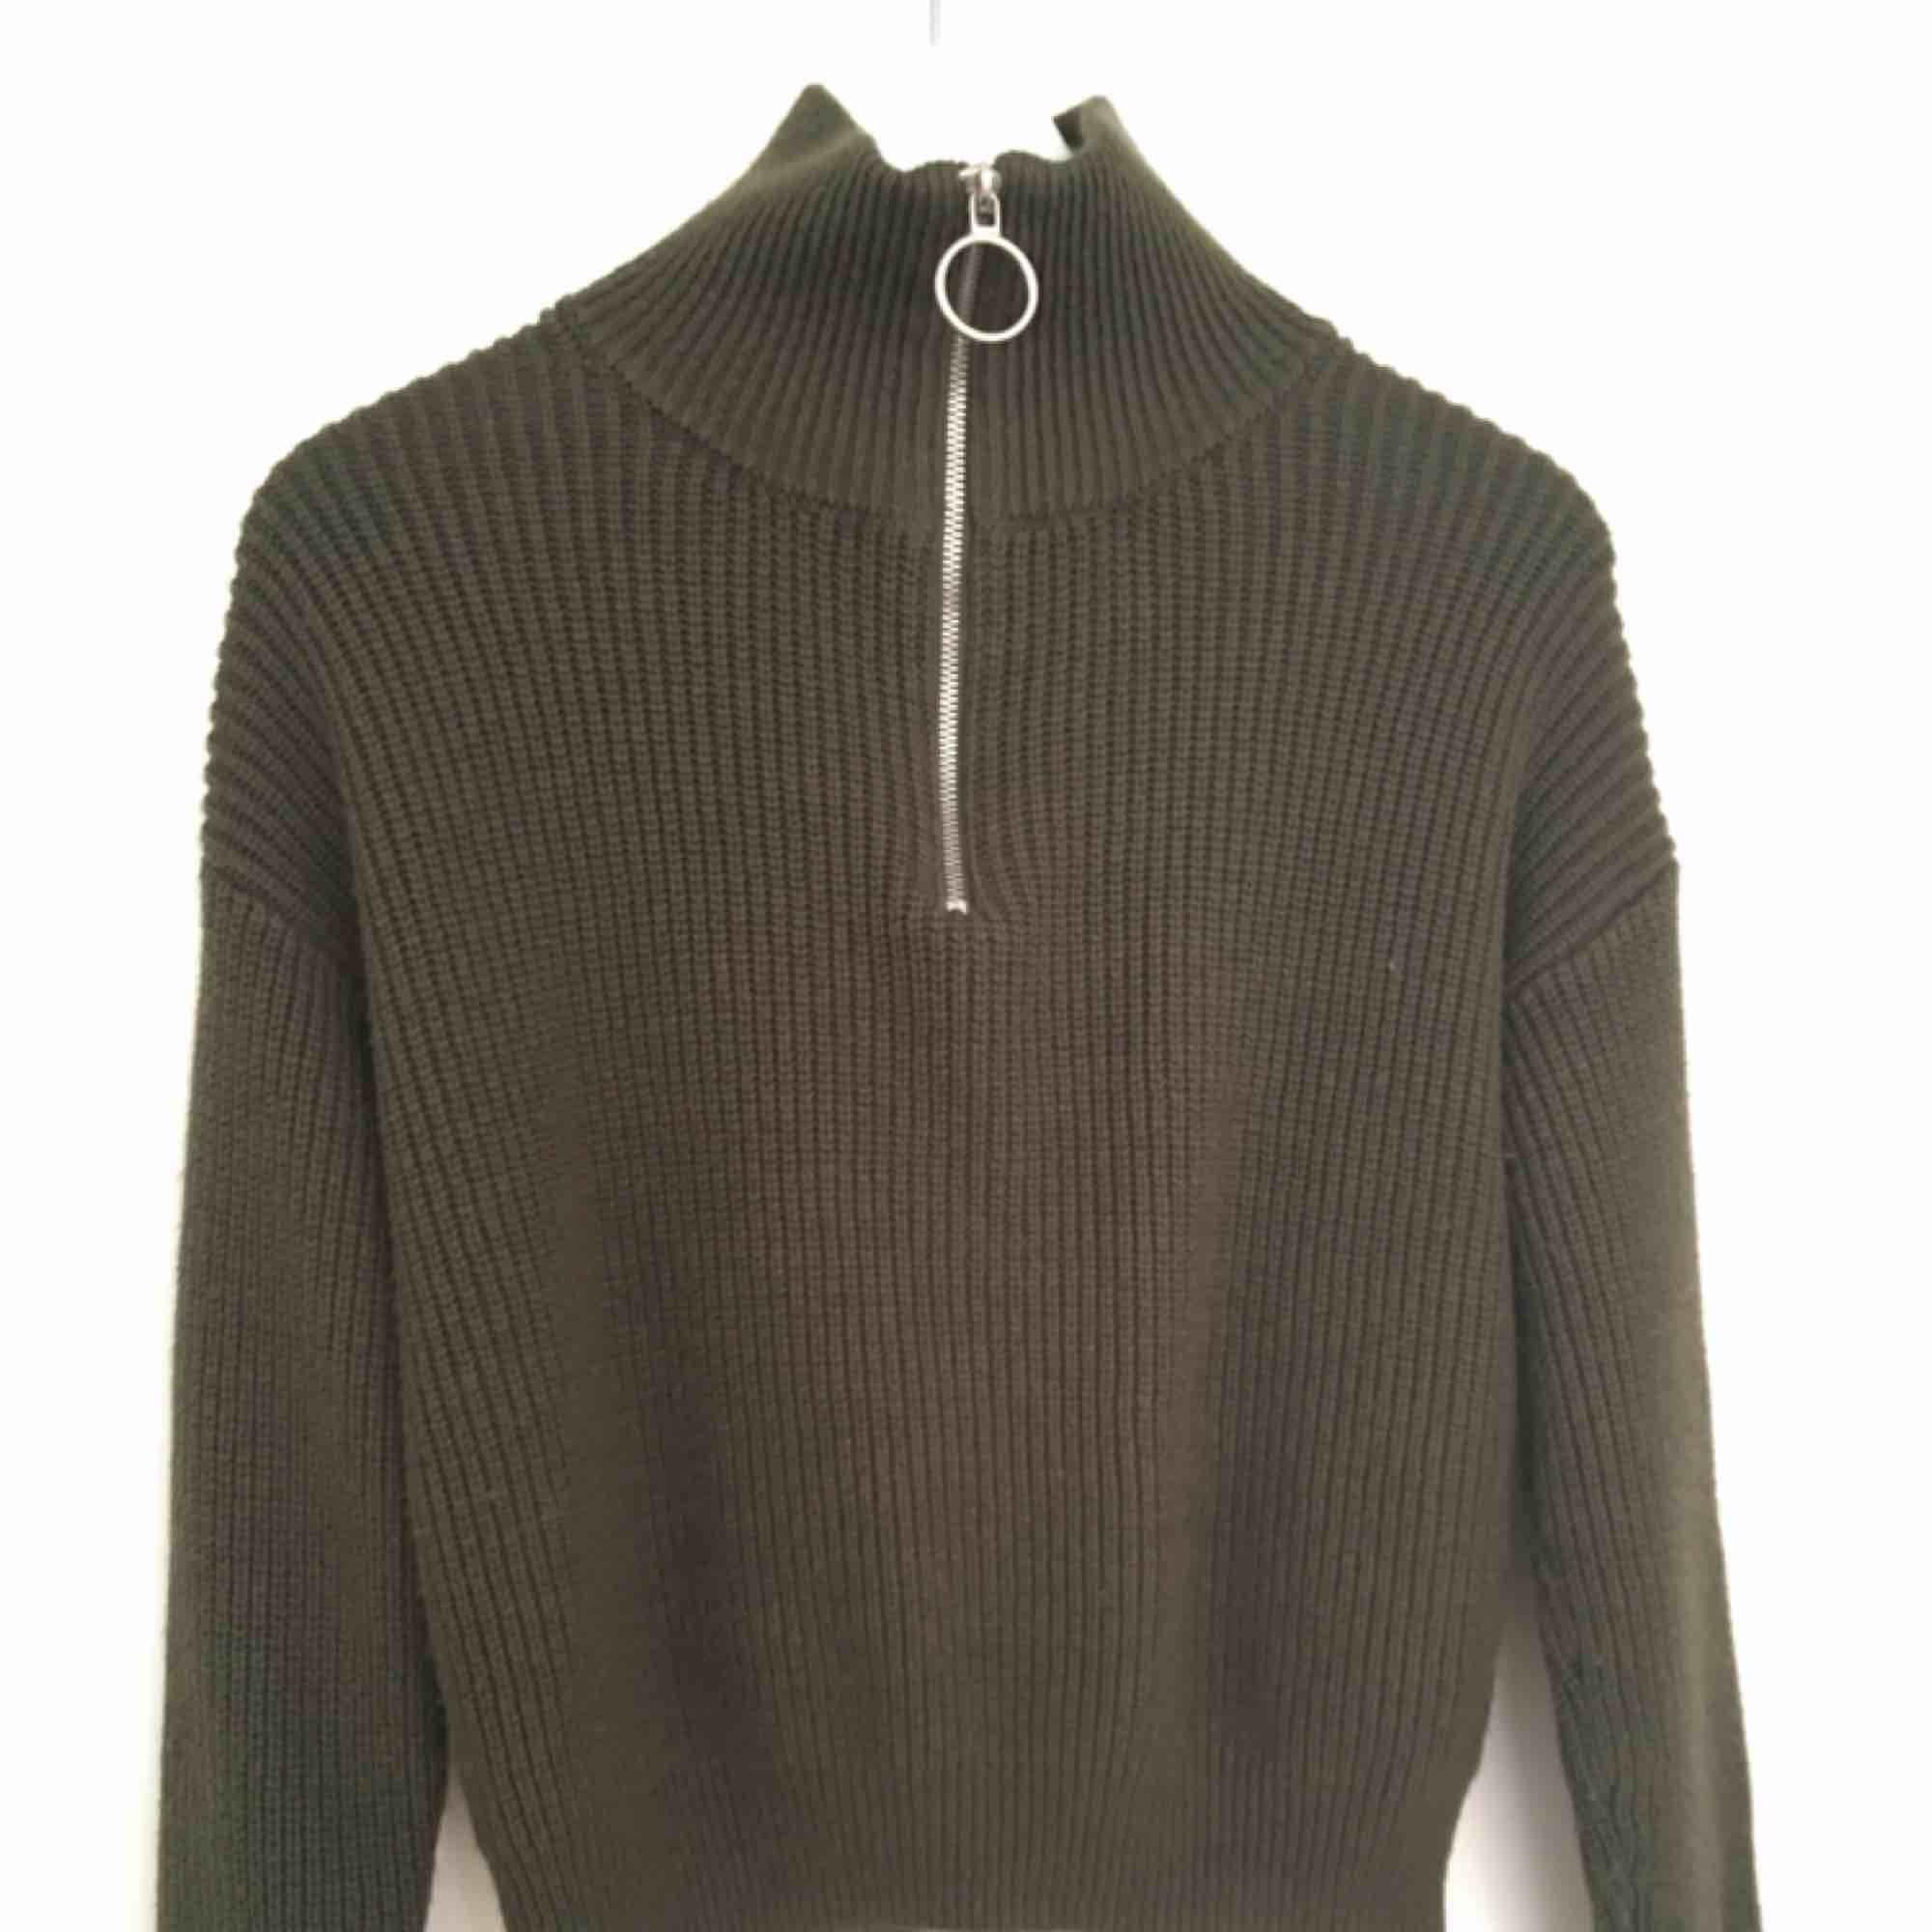 Khaki-grön stickad tröja med dragkedja, polotröja. Jättemysig och skön . Huvtröjor & Träningströjor.